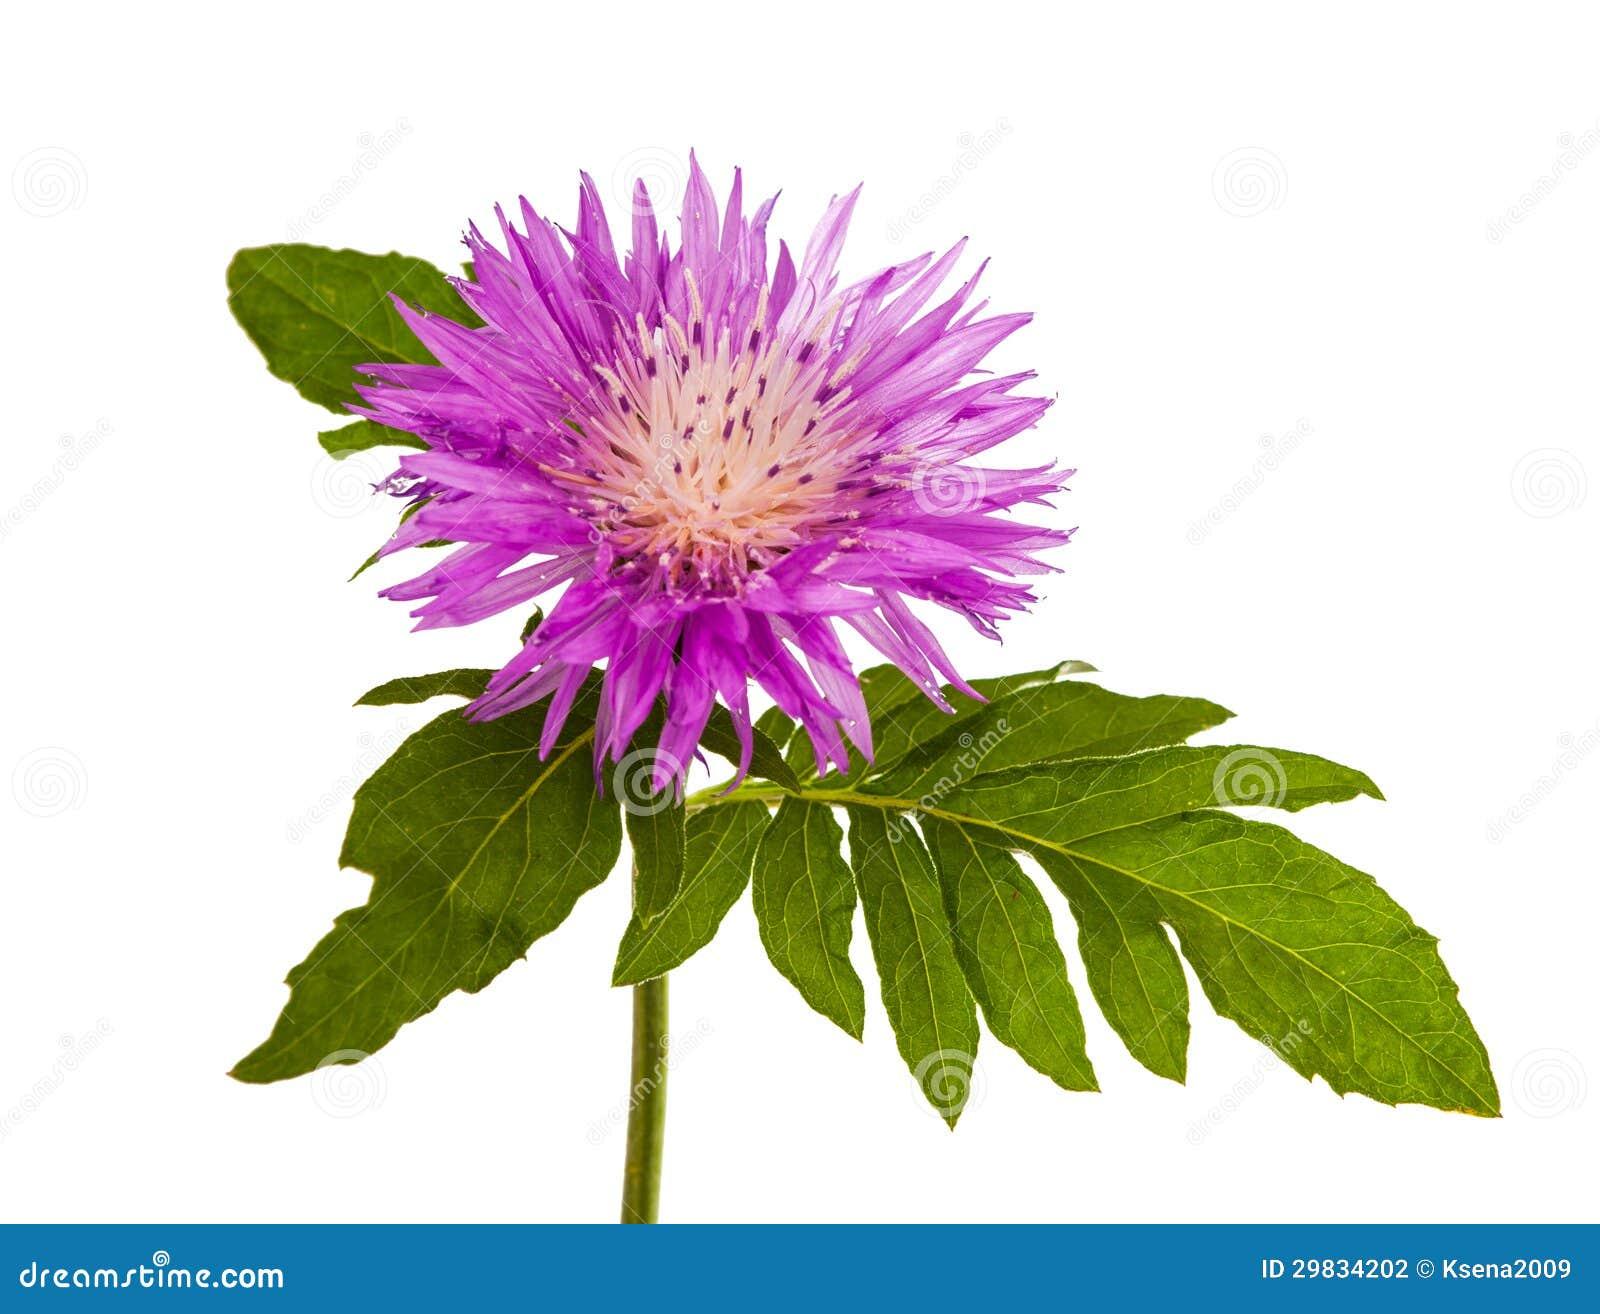 Flor do Lilac isolada